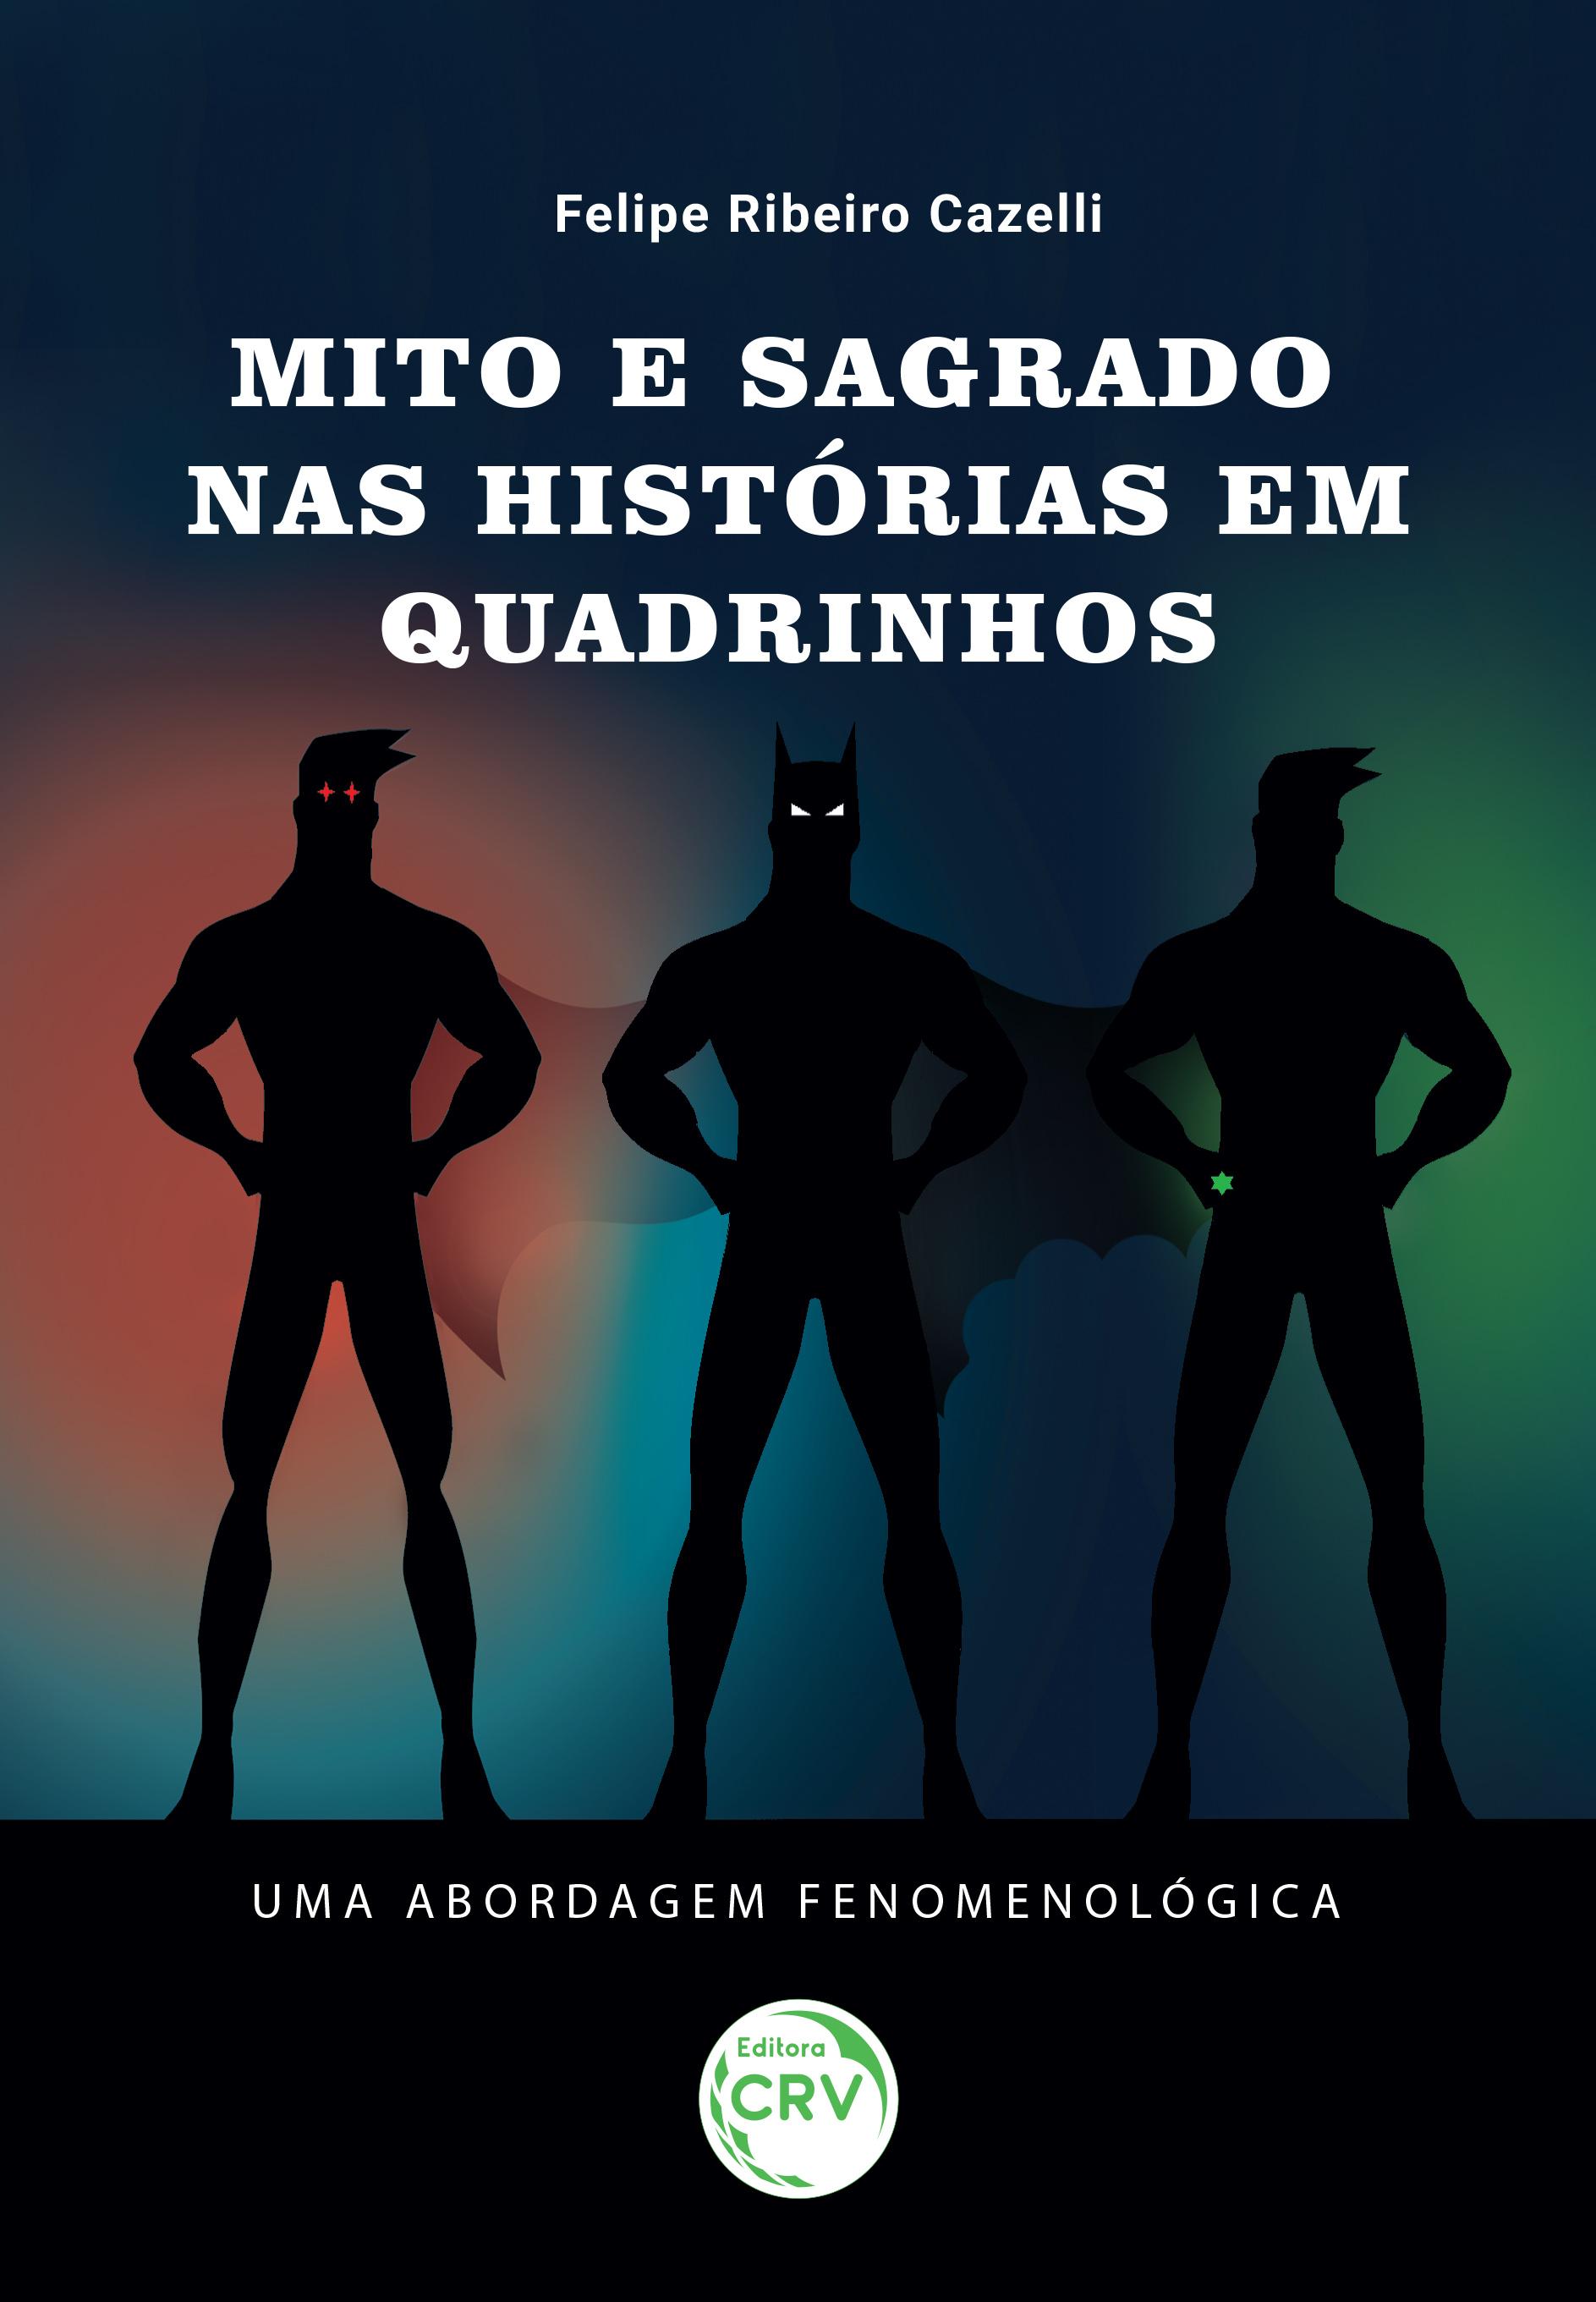 Capa do livro: MITO E SAGRADO NAS HISTÓRIAS EM QUADRINHOS:<br> Uma abordagem fenomenológica